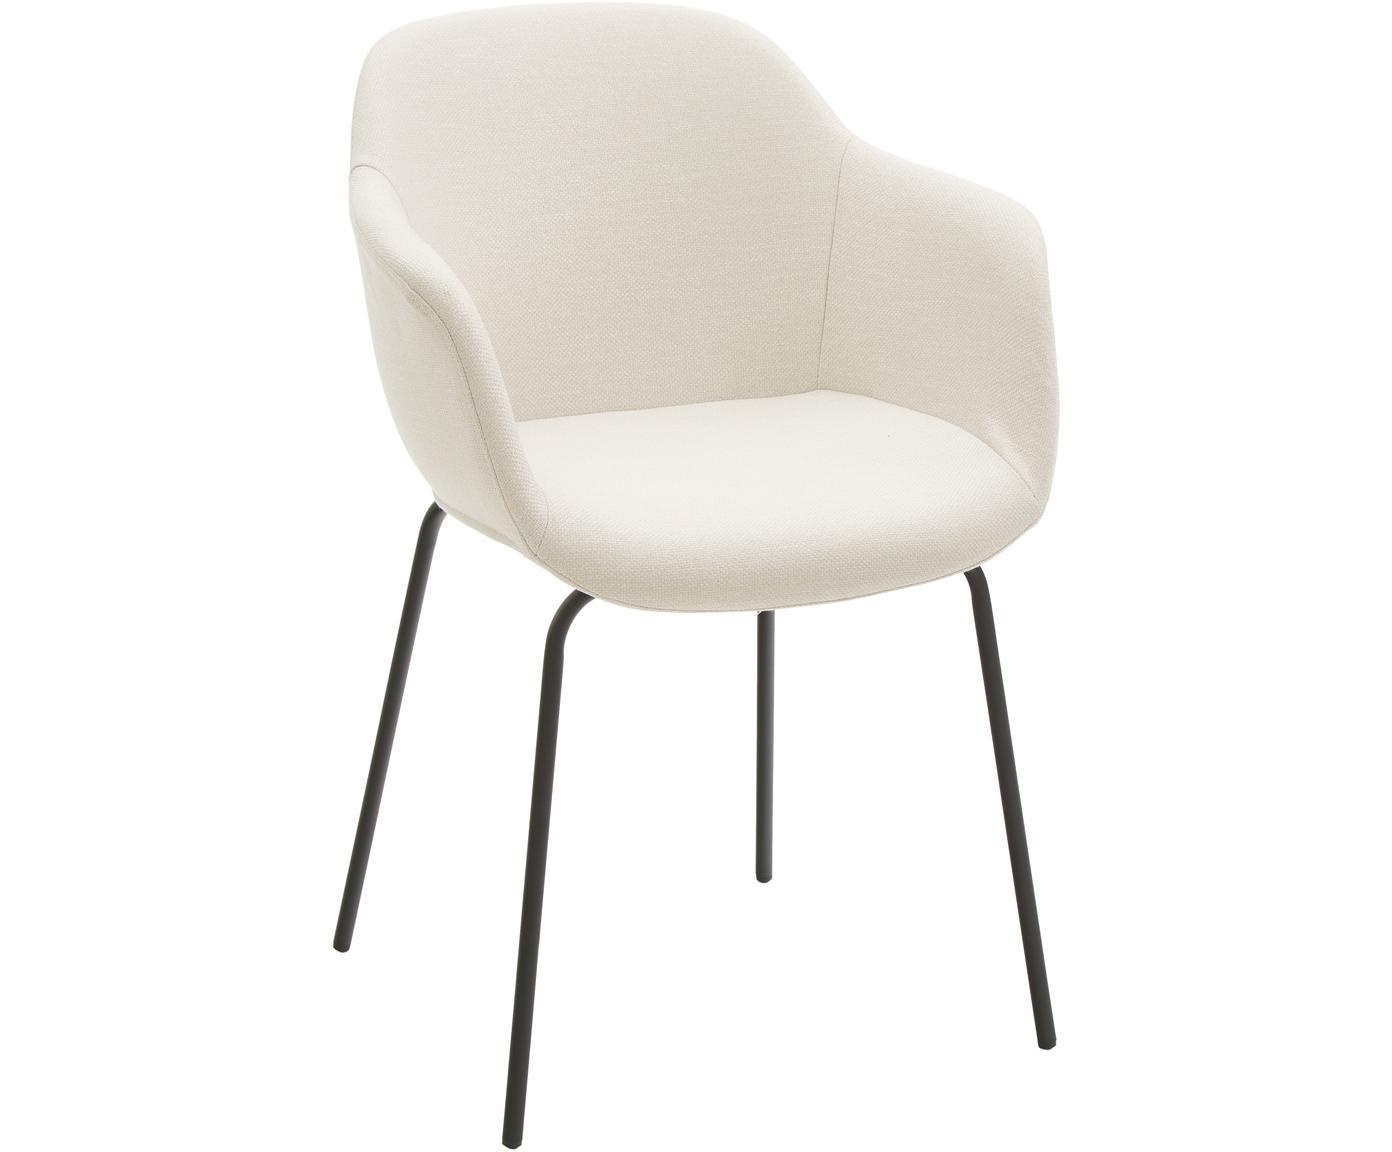 Krzesło z podłokietnikami Fiji, Tapicerka: poliester 40 000 cykli w , Nogi: metal malowany proszkowo, Siedzisko: kremowobiały nogi: czarny, matowy, S 58 x G 56 cm